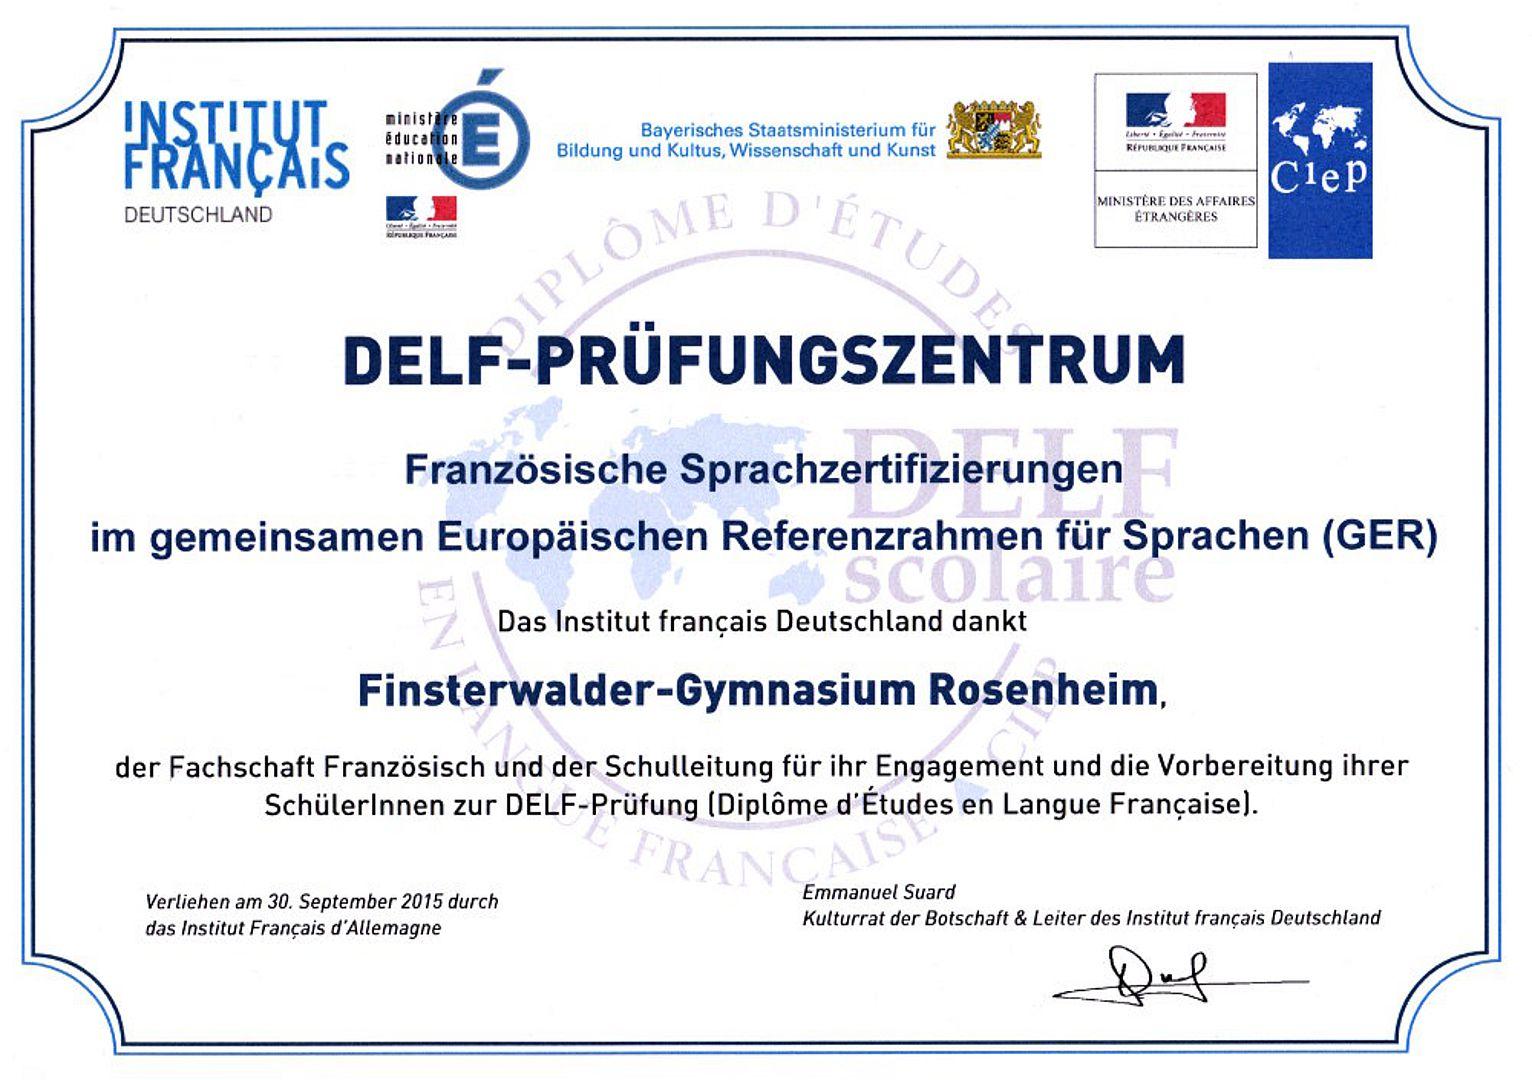 Sprachzertifikat DELF: Sebastian-Finsterwalder - Gymnasium Rosenheim